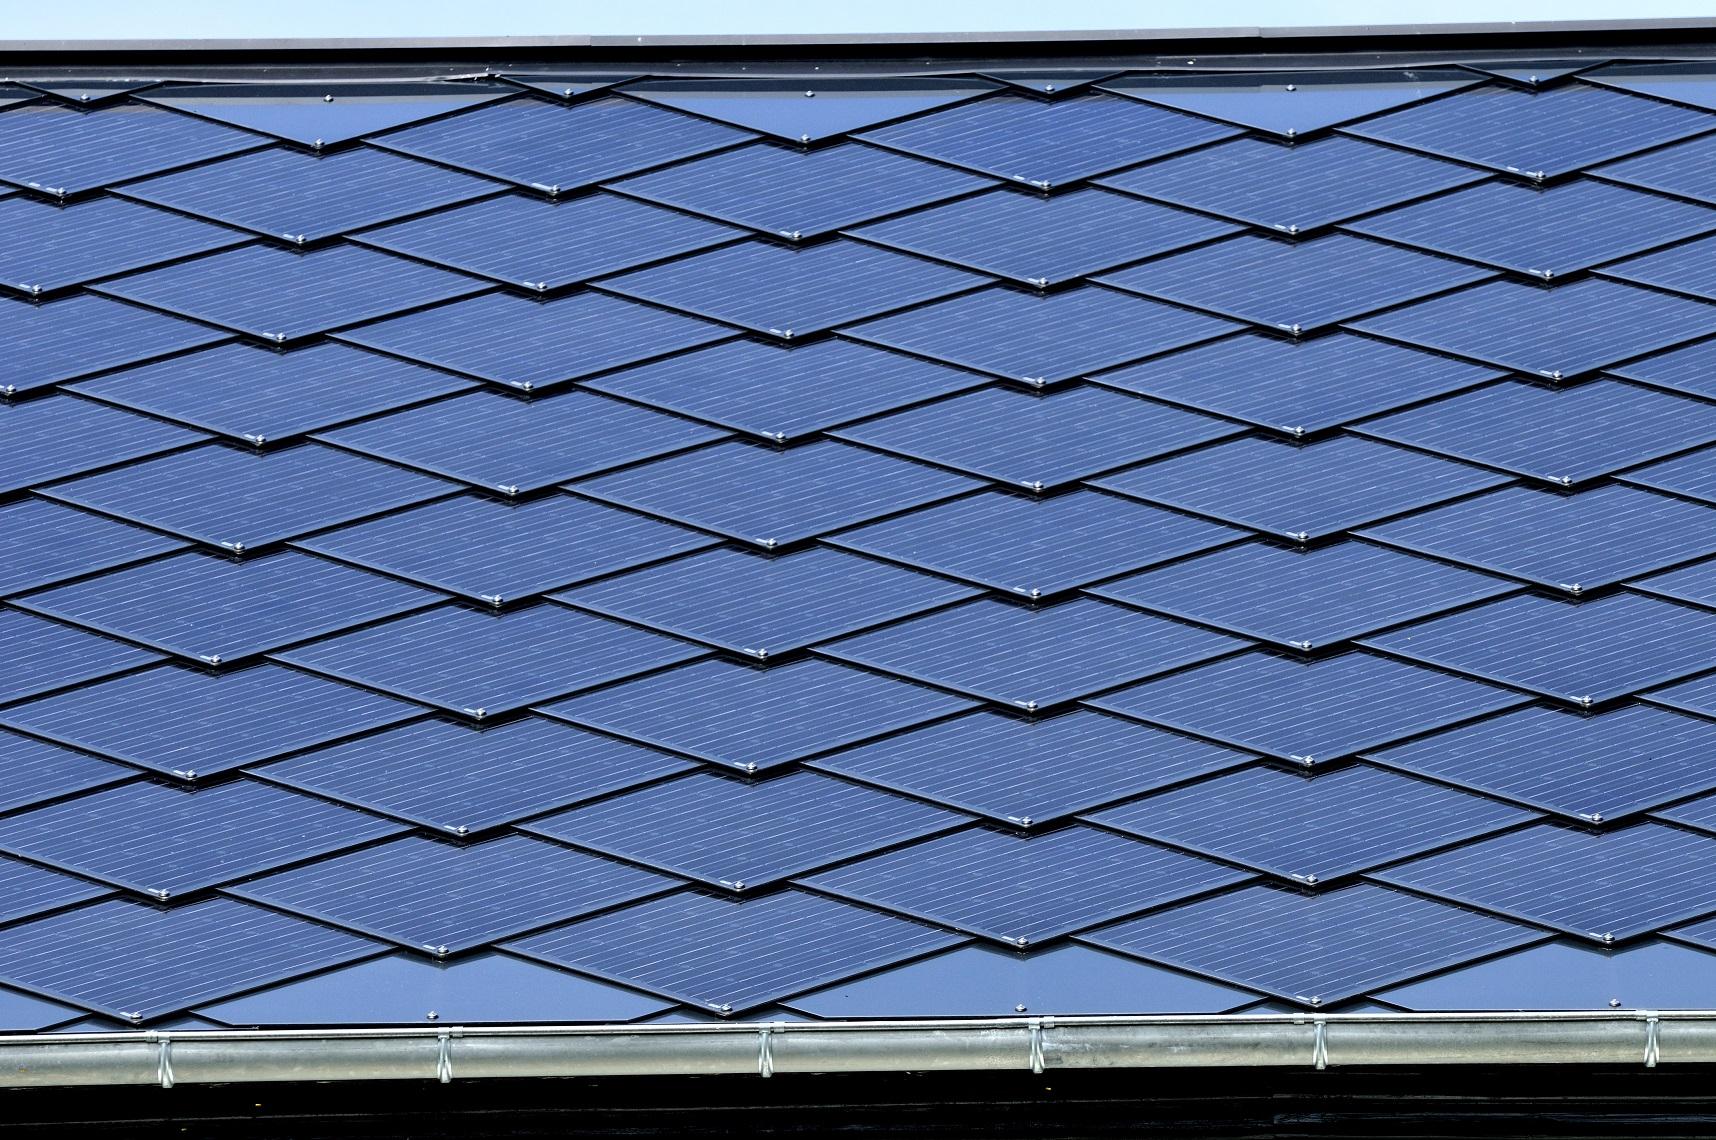 A Tesla Motors promete revolucionar a produção de automóveis e de energia, ao construir telhados solares que dobrem as funções dos painéis atuais. Biosphoto / Denis Bringard